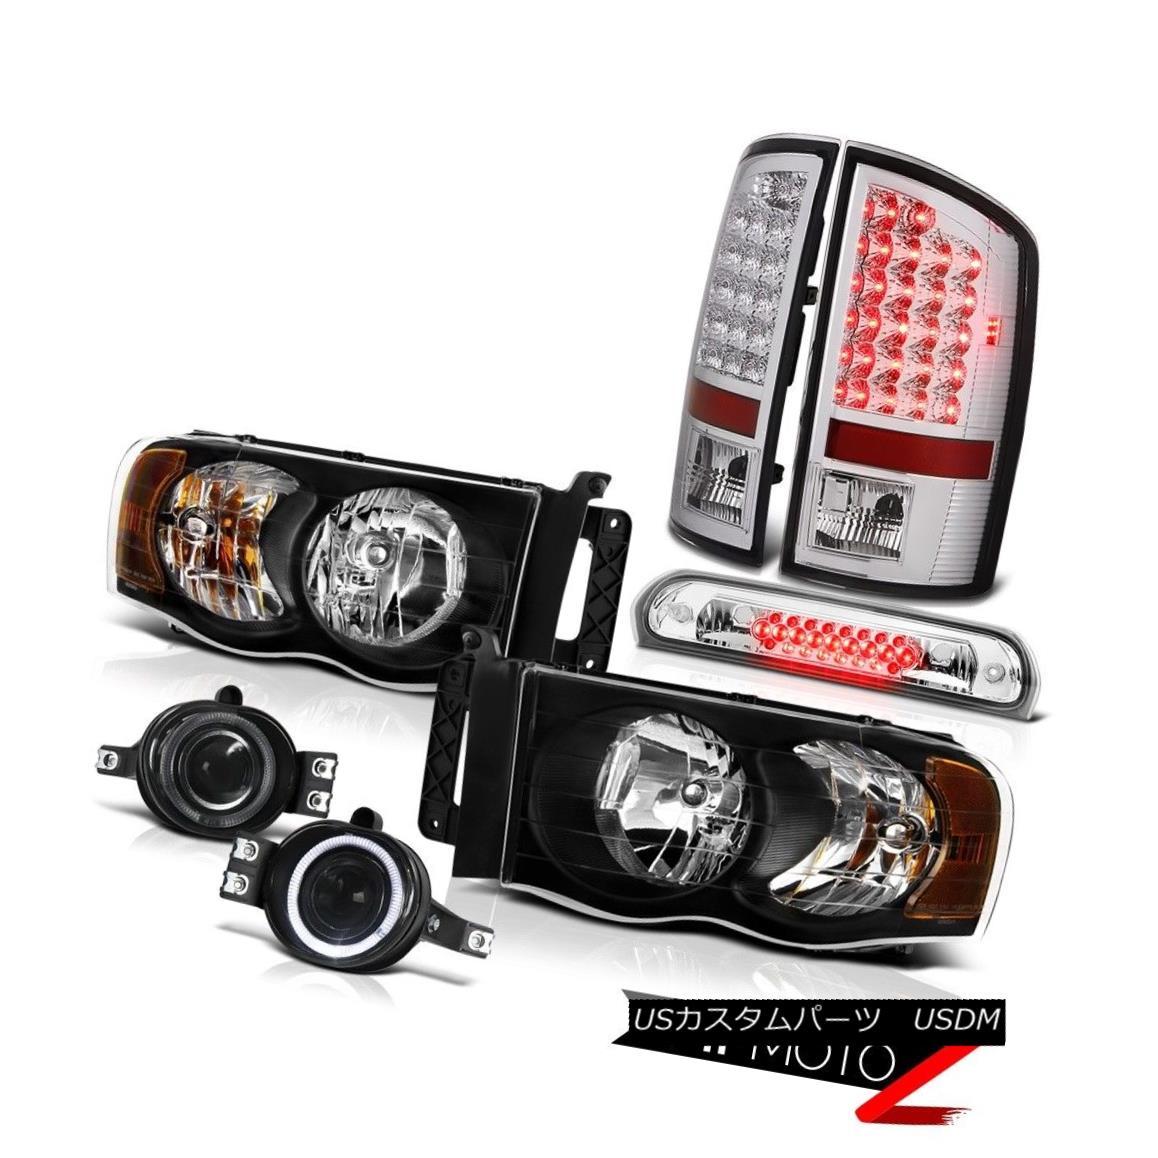 テールライト 02 03 04 05 Ram V6 Clear/Black Headlights LED Brake Taillights Foglamps Euro 3rd 02 03 04 05 Ram V6クリア/ブラックヘッドライトLEDブレーキテールライトFoglamps Euro 3rd